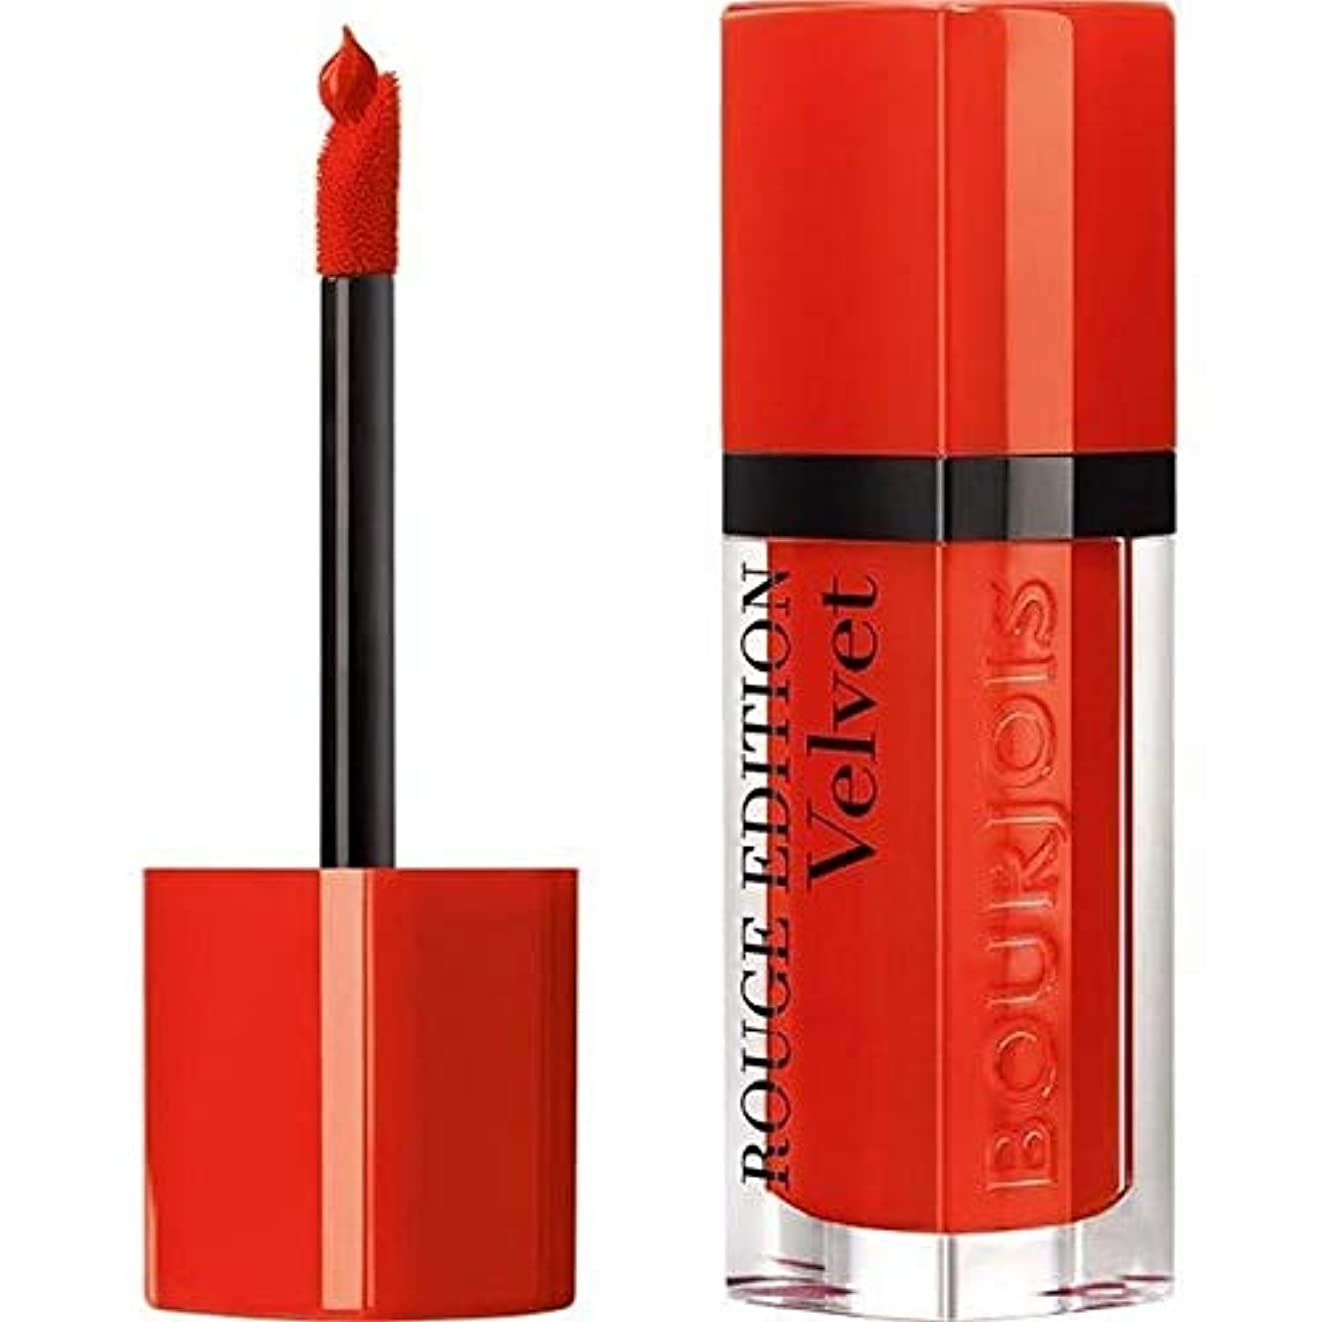 独裁アナリストギャングスター[Bourjois ] ブルジョワルージュ版のベルベットの口紅ケシの日20 - Bourjois Rouge Edition Velvet Lipstick Poppy Days 20 [並行輸入品]